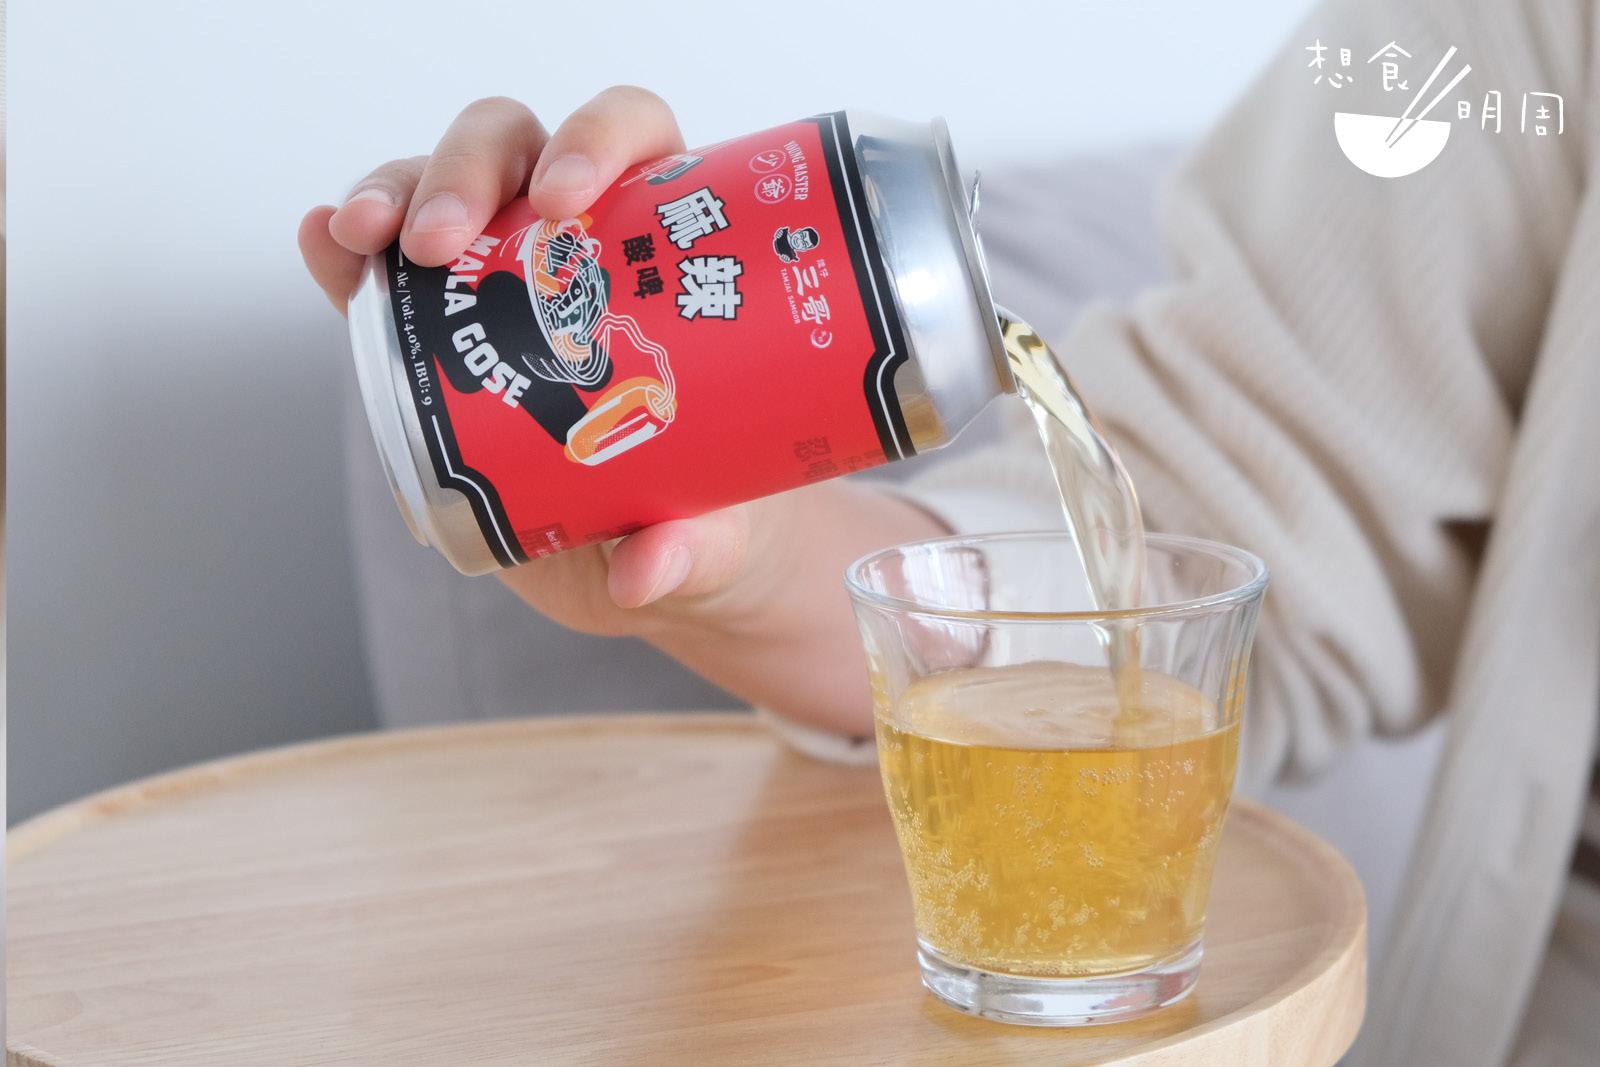 酸啤酒體淺色,苦味較少,官方建議配前菜飲用,例如尖椒皮蛋、雲耳均是好選擇。